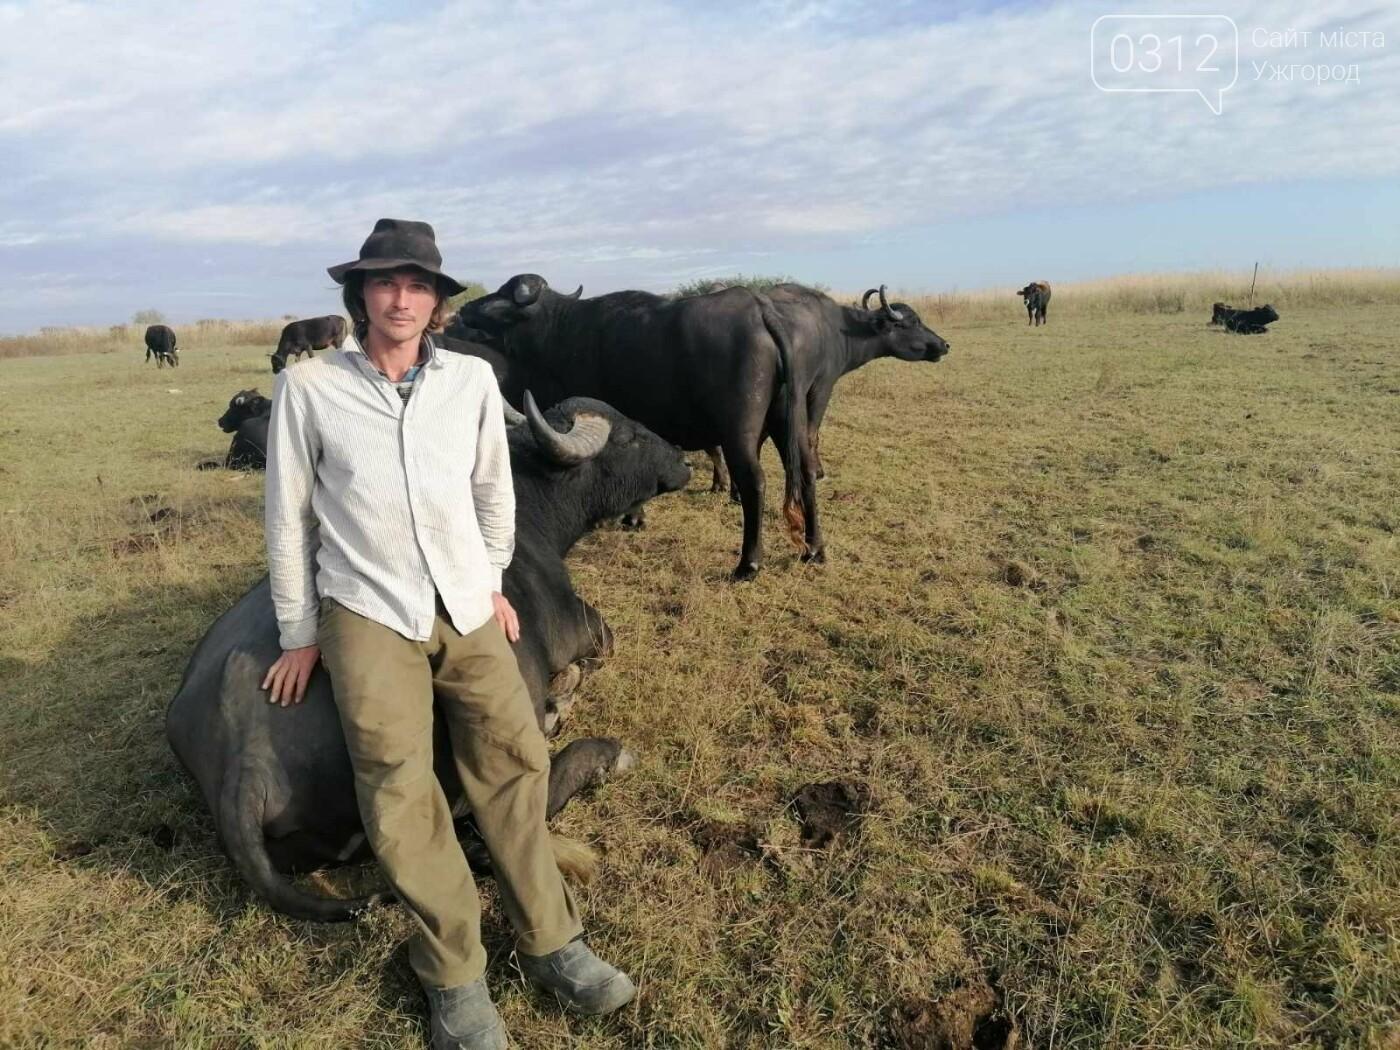 Еколог з Німеччини кинув усе та переїхав на Закарпаття розводити буйволів (ВІДЕО), фото-2